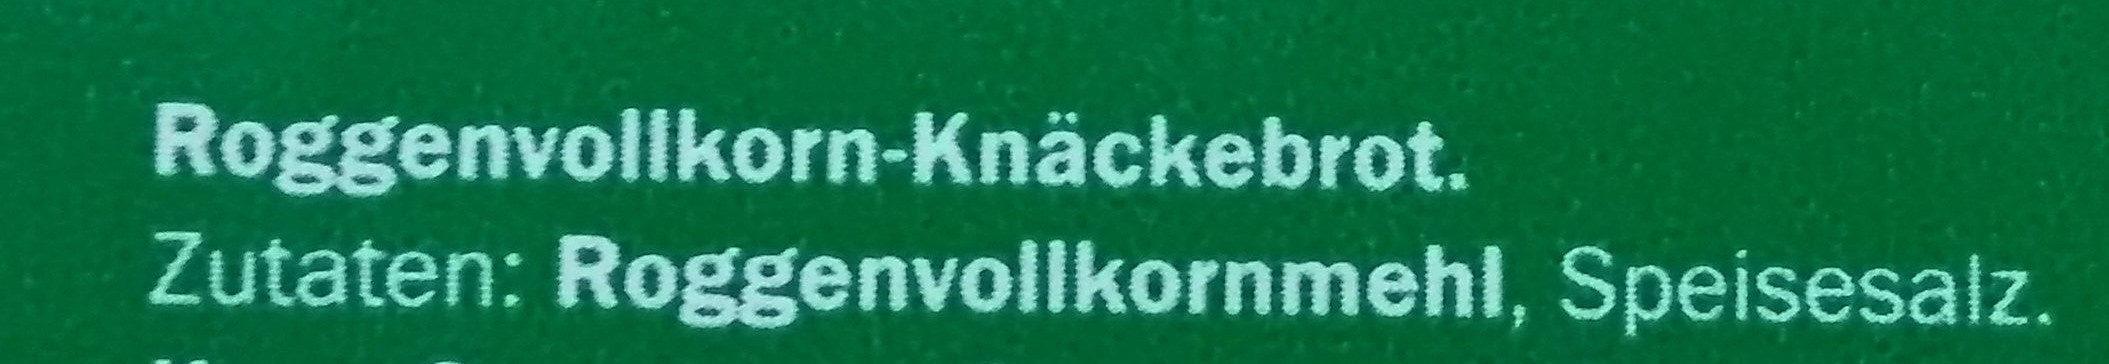 Roggen Vollkorn-Knäckebrot Grafschafter - Ingredientes